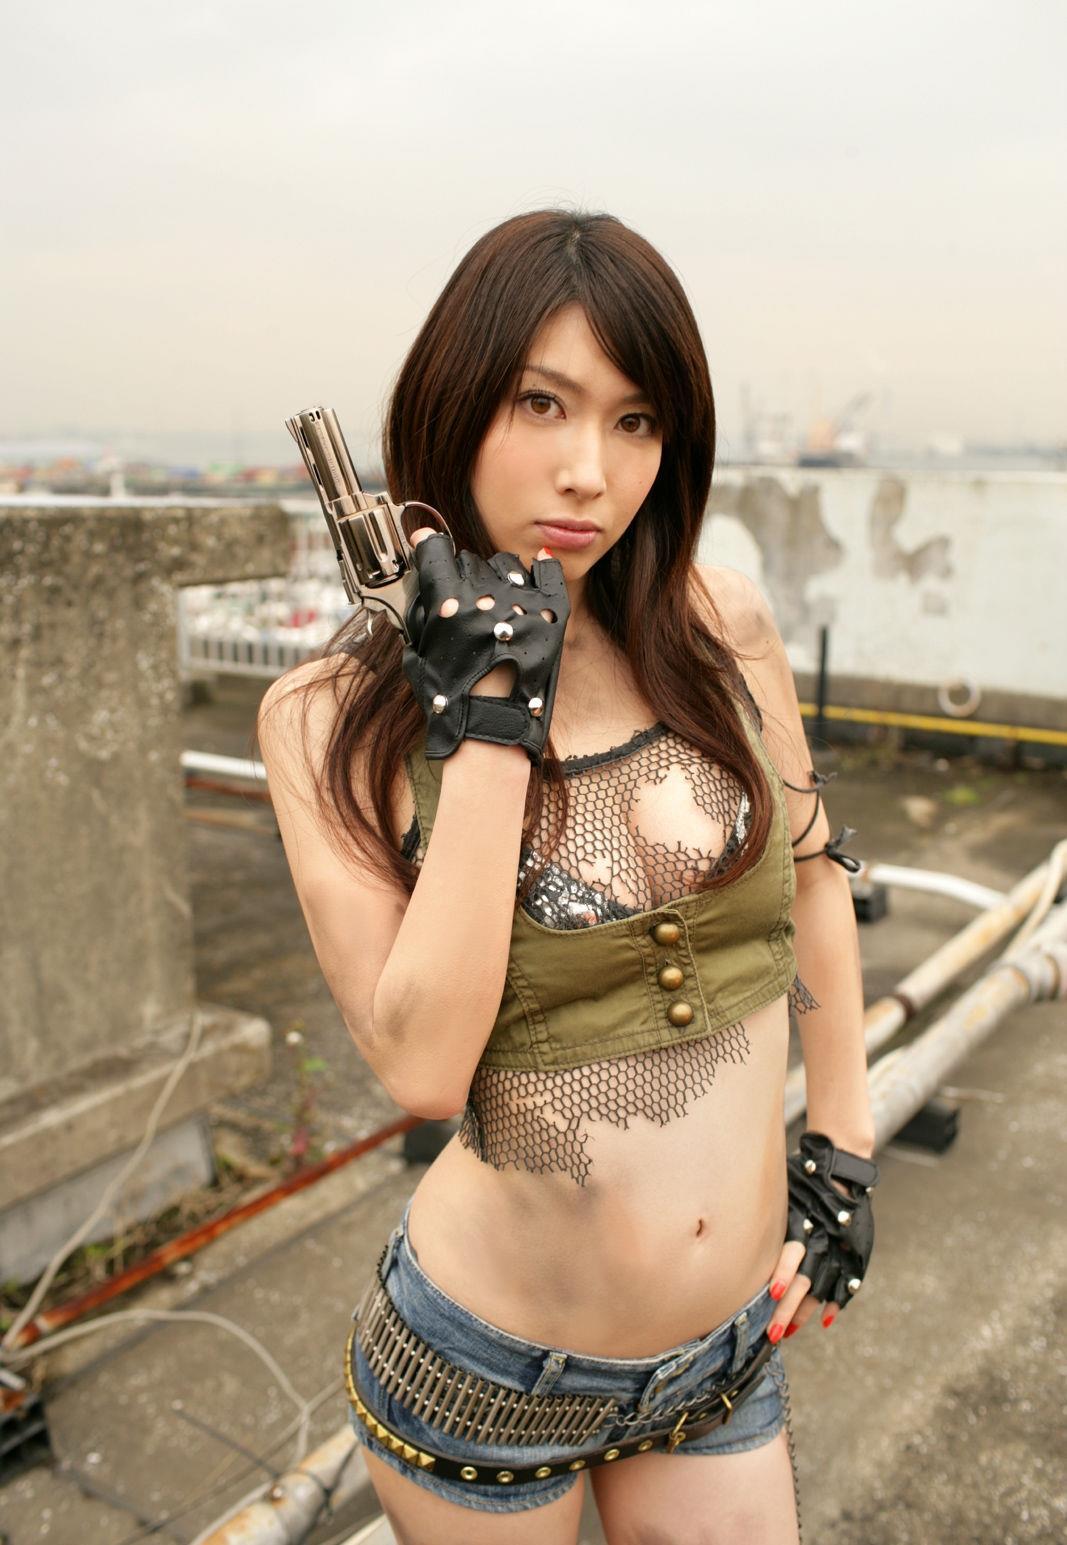 小林恵美 画像 36